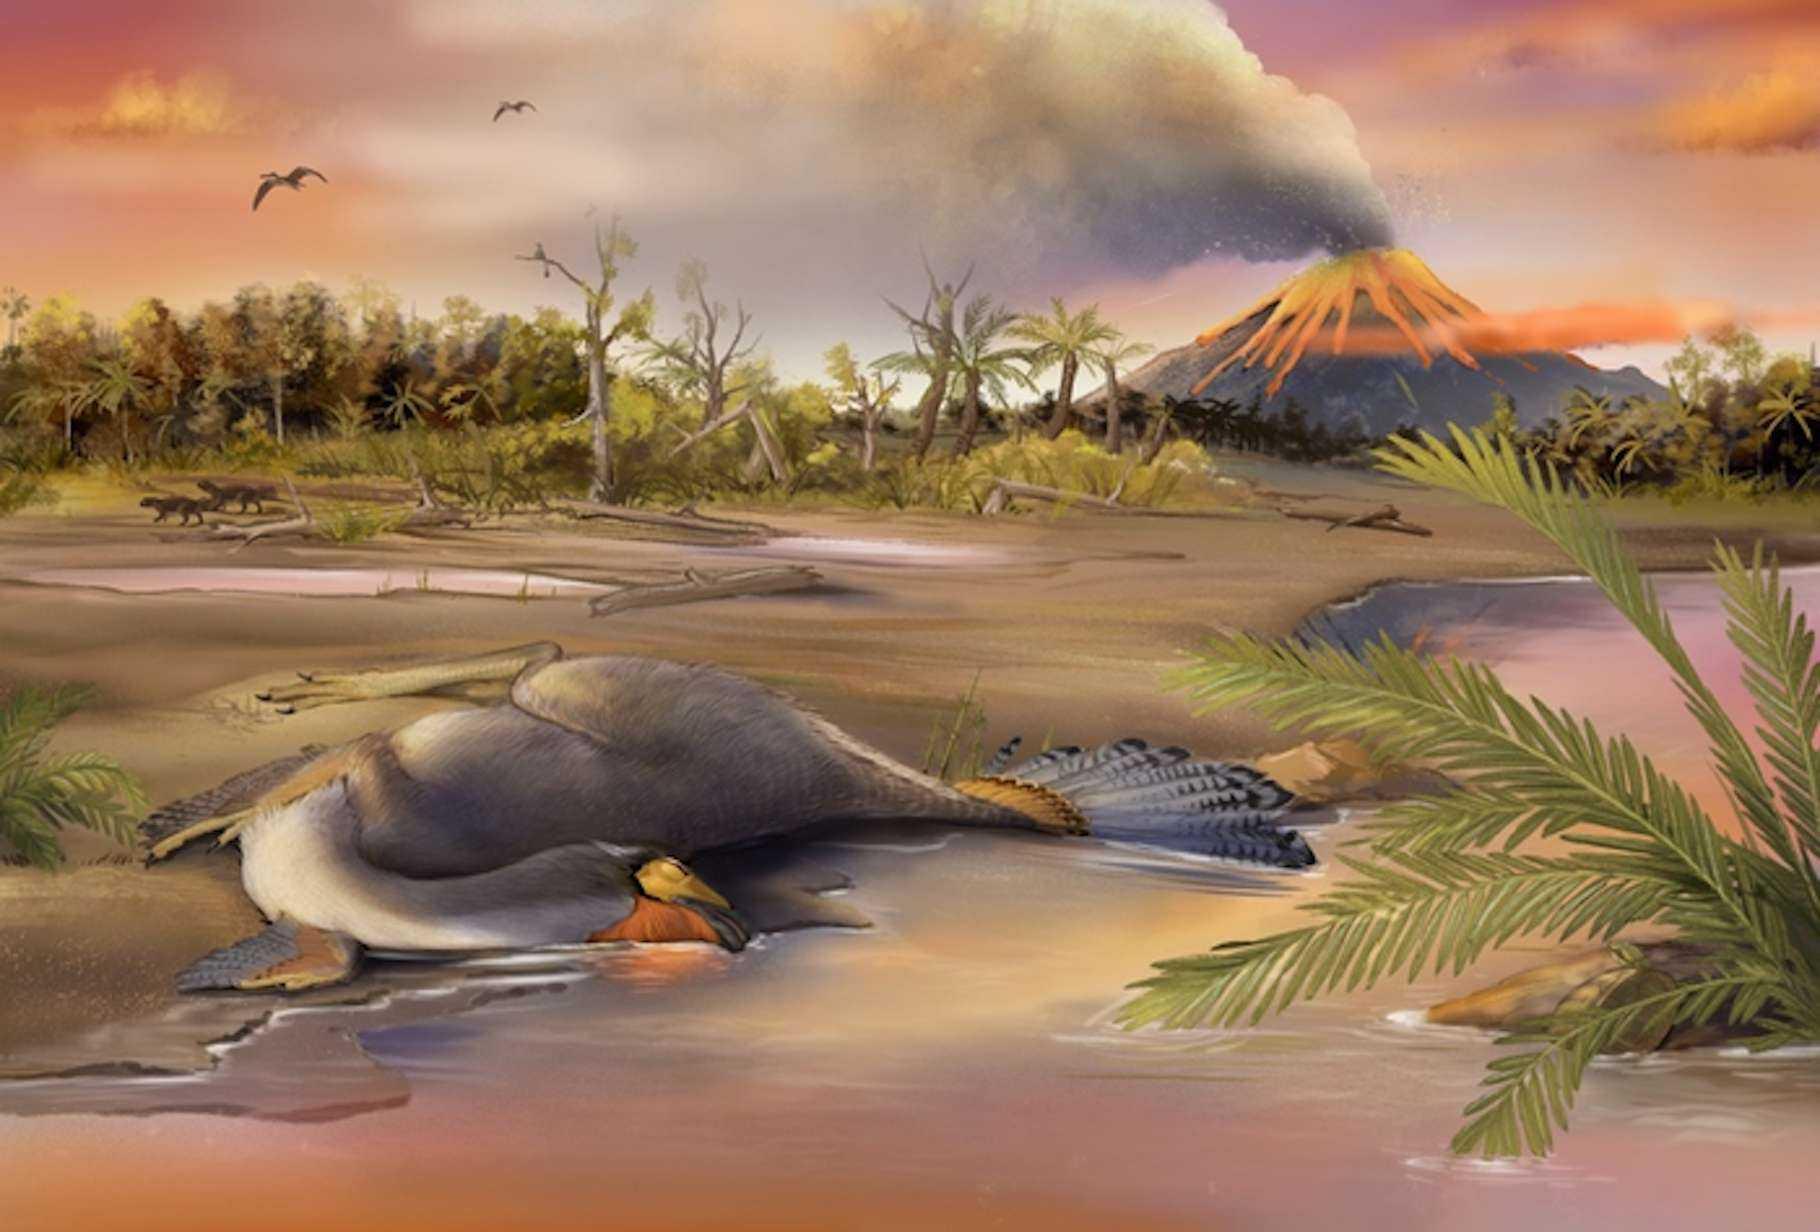 Палеонтологи выделили хорошо сохранившиеся клетки динозавра